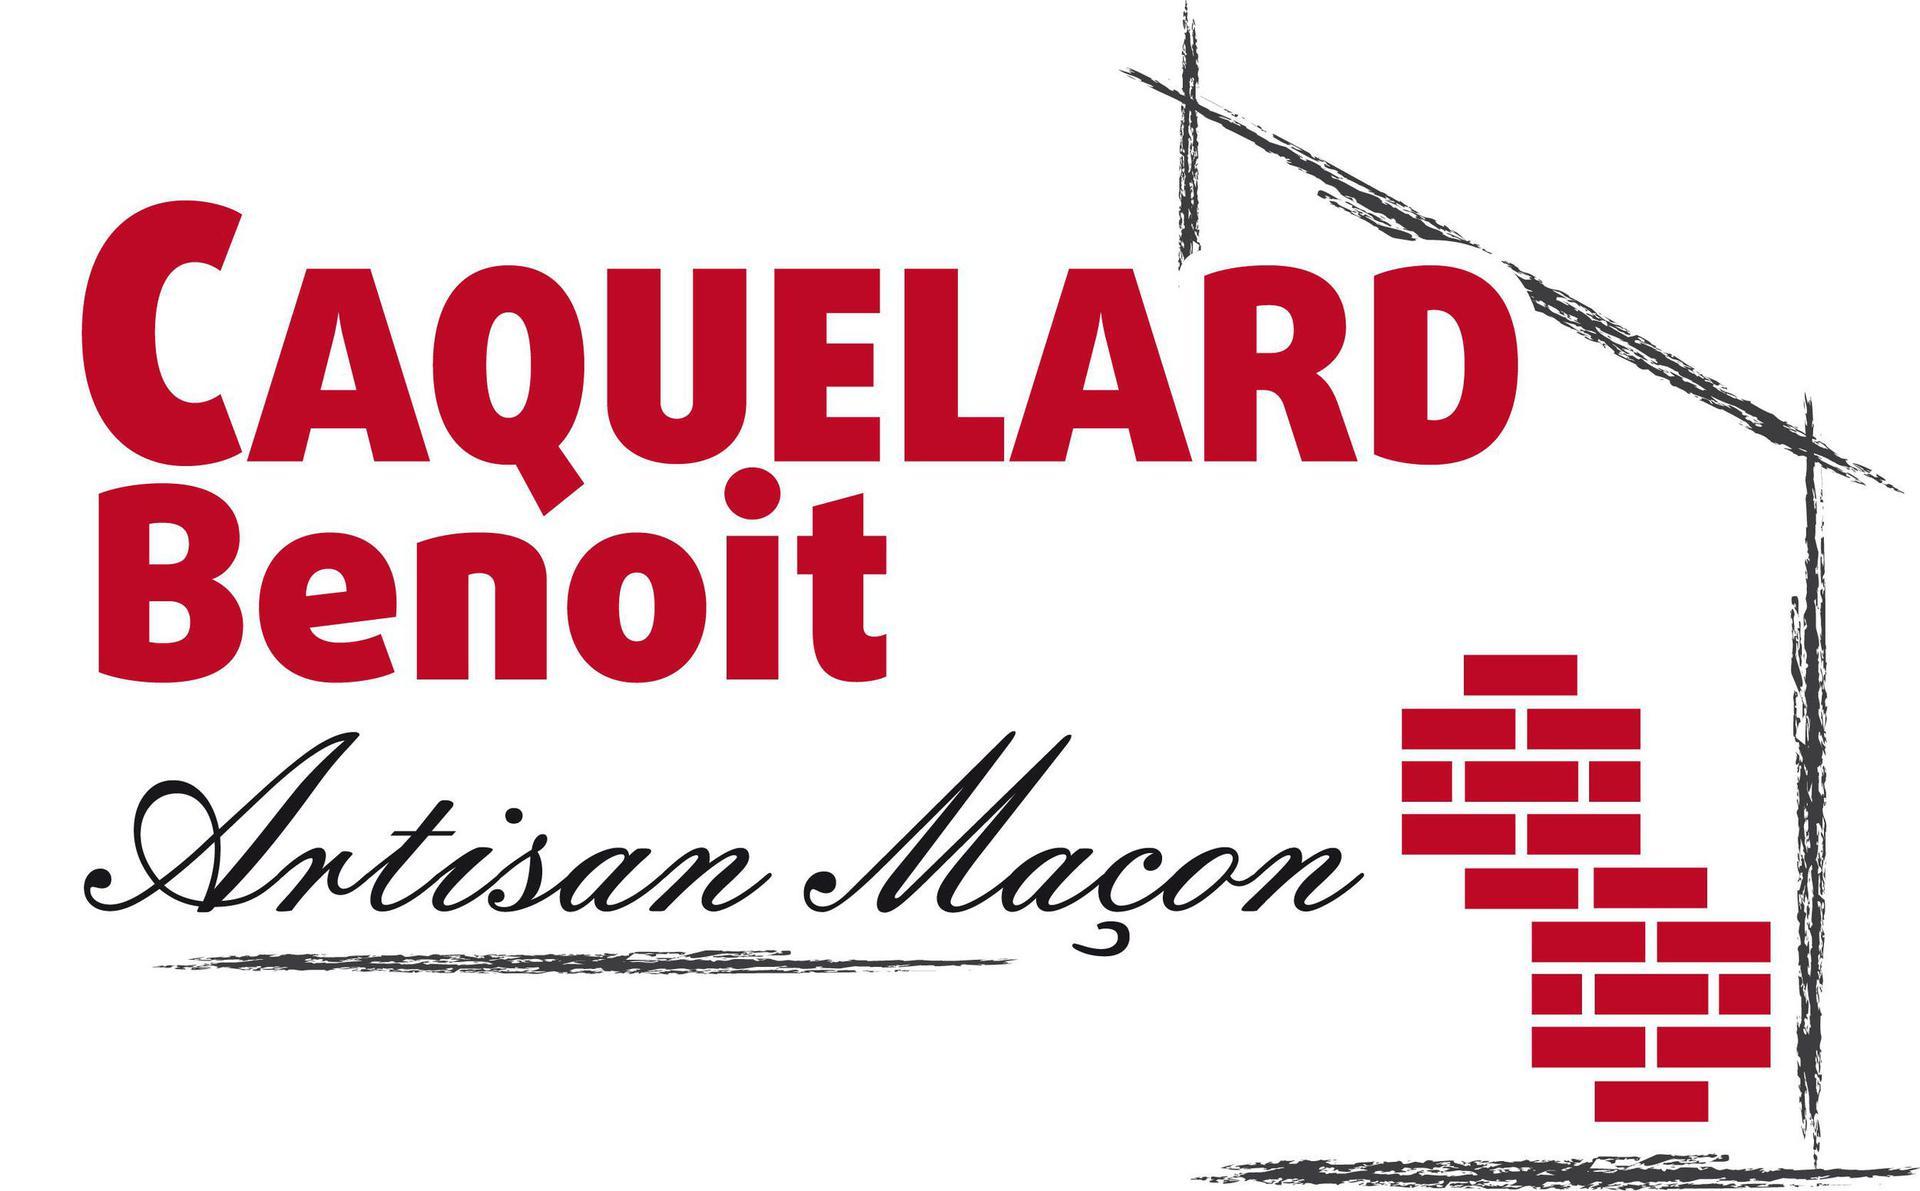 Caquelard Benoît rénovation immobilière